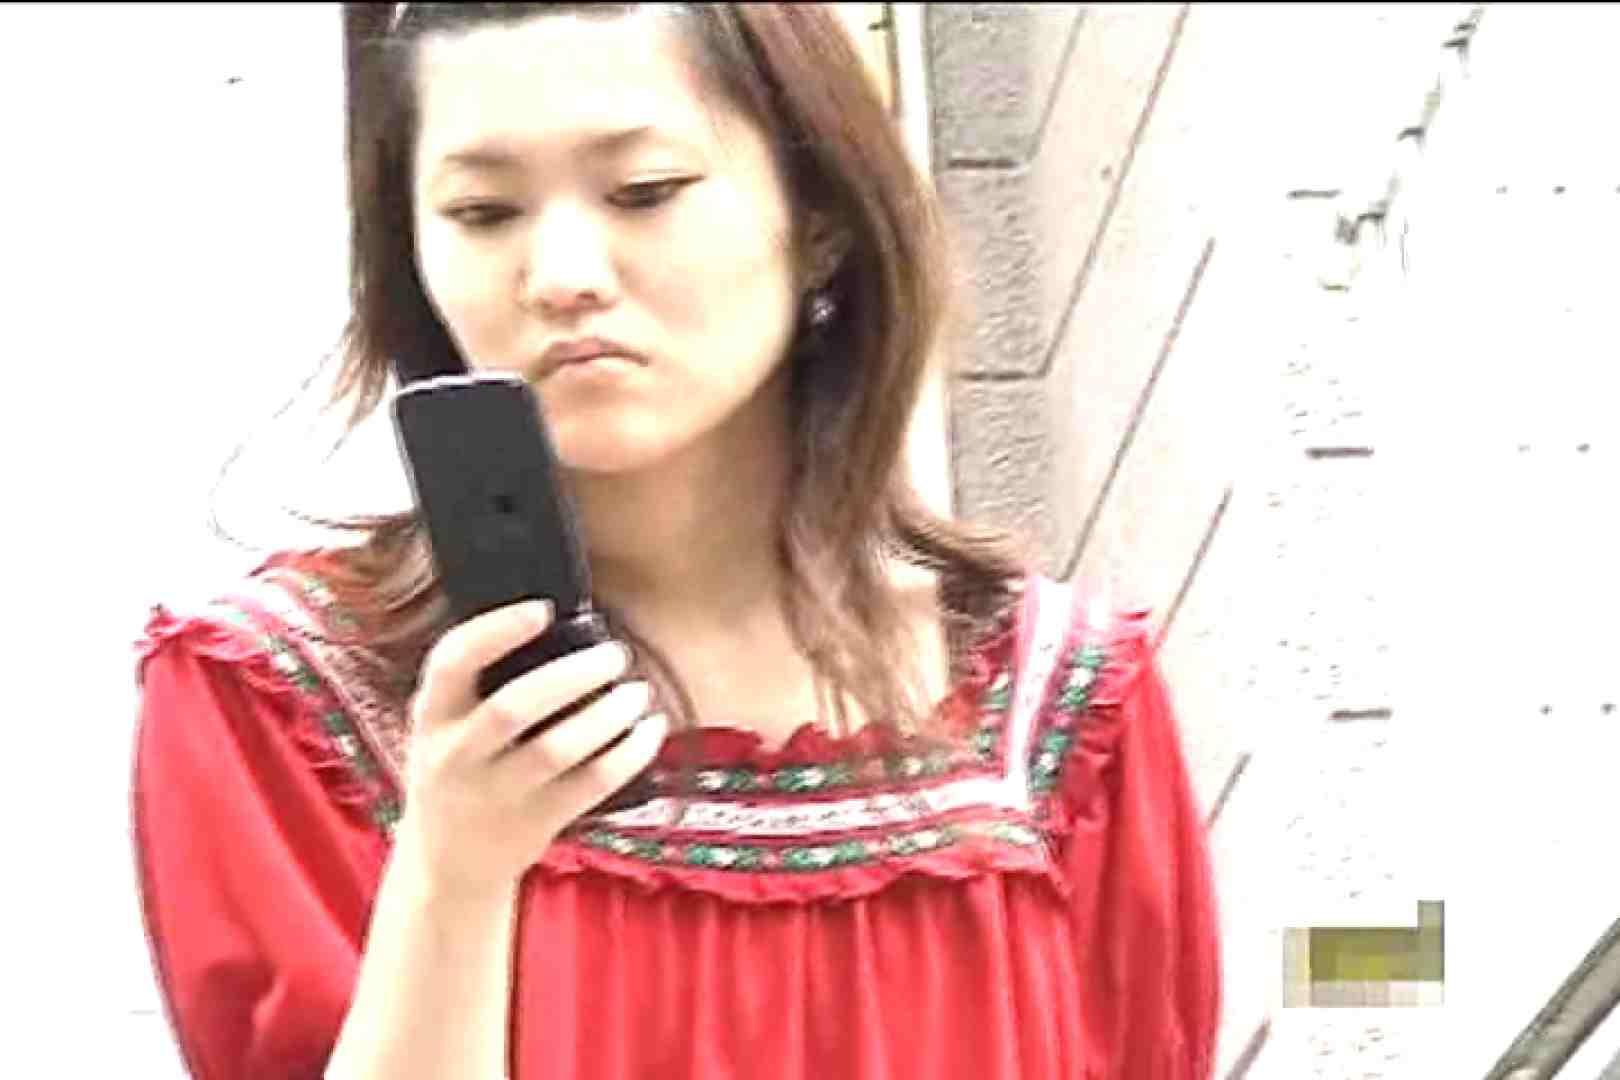 マンチラインパクトVol.11 ギャルのエロ動画 | チラ  83画像 77